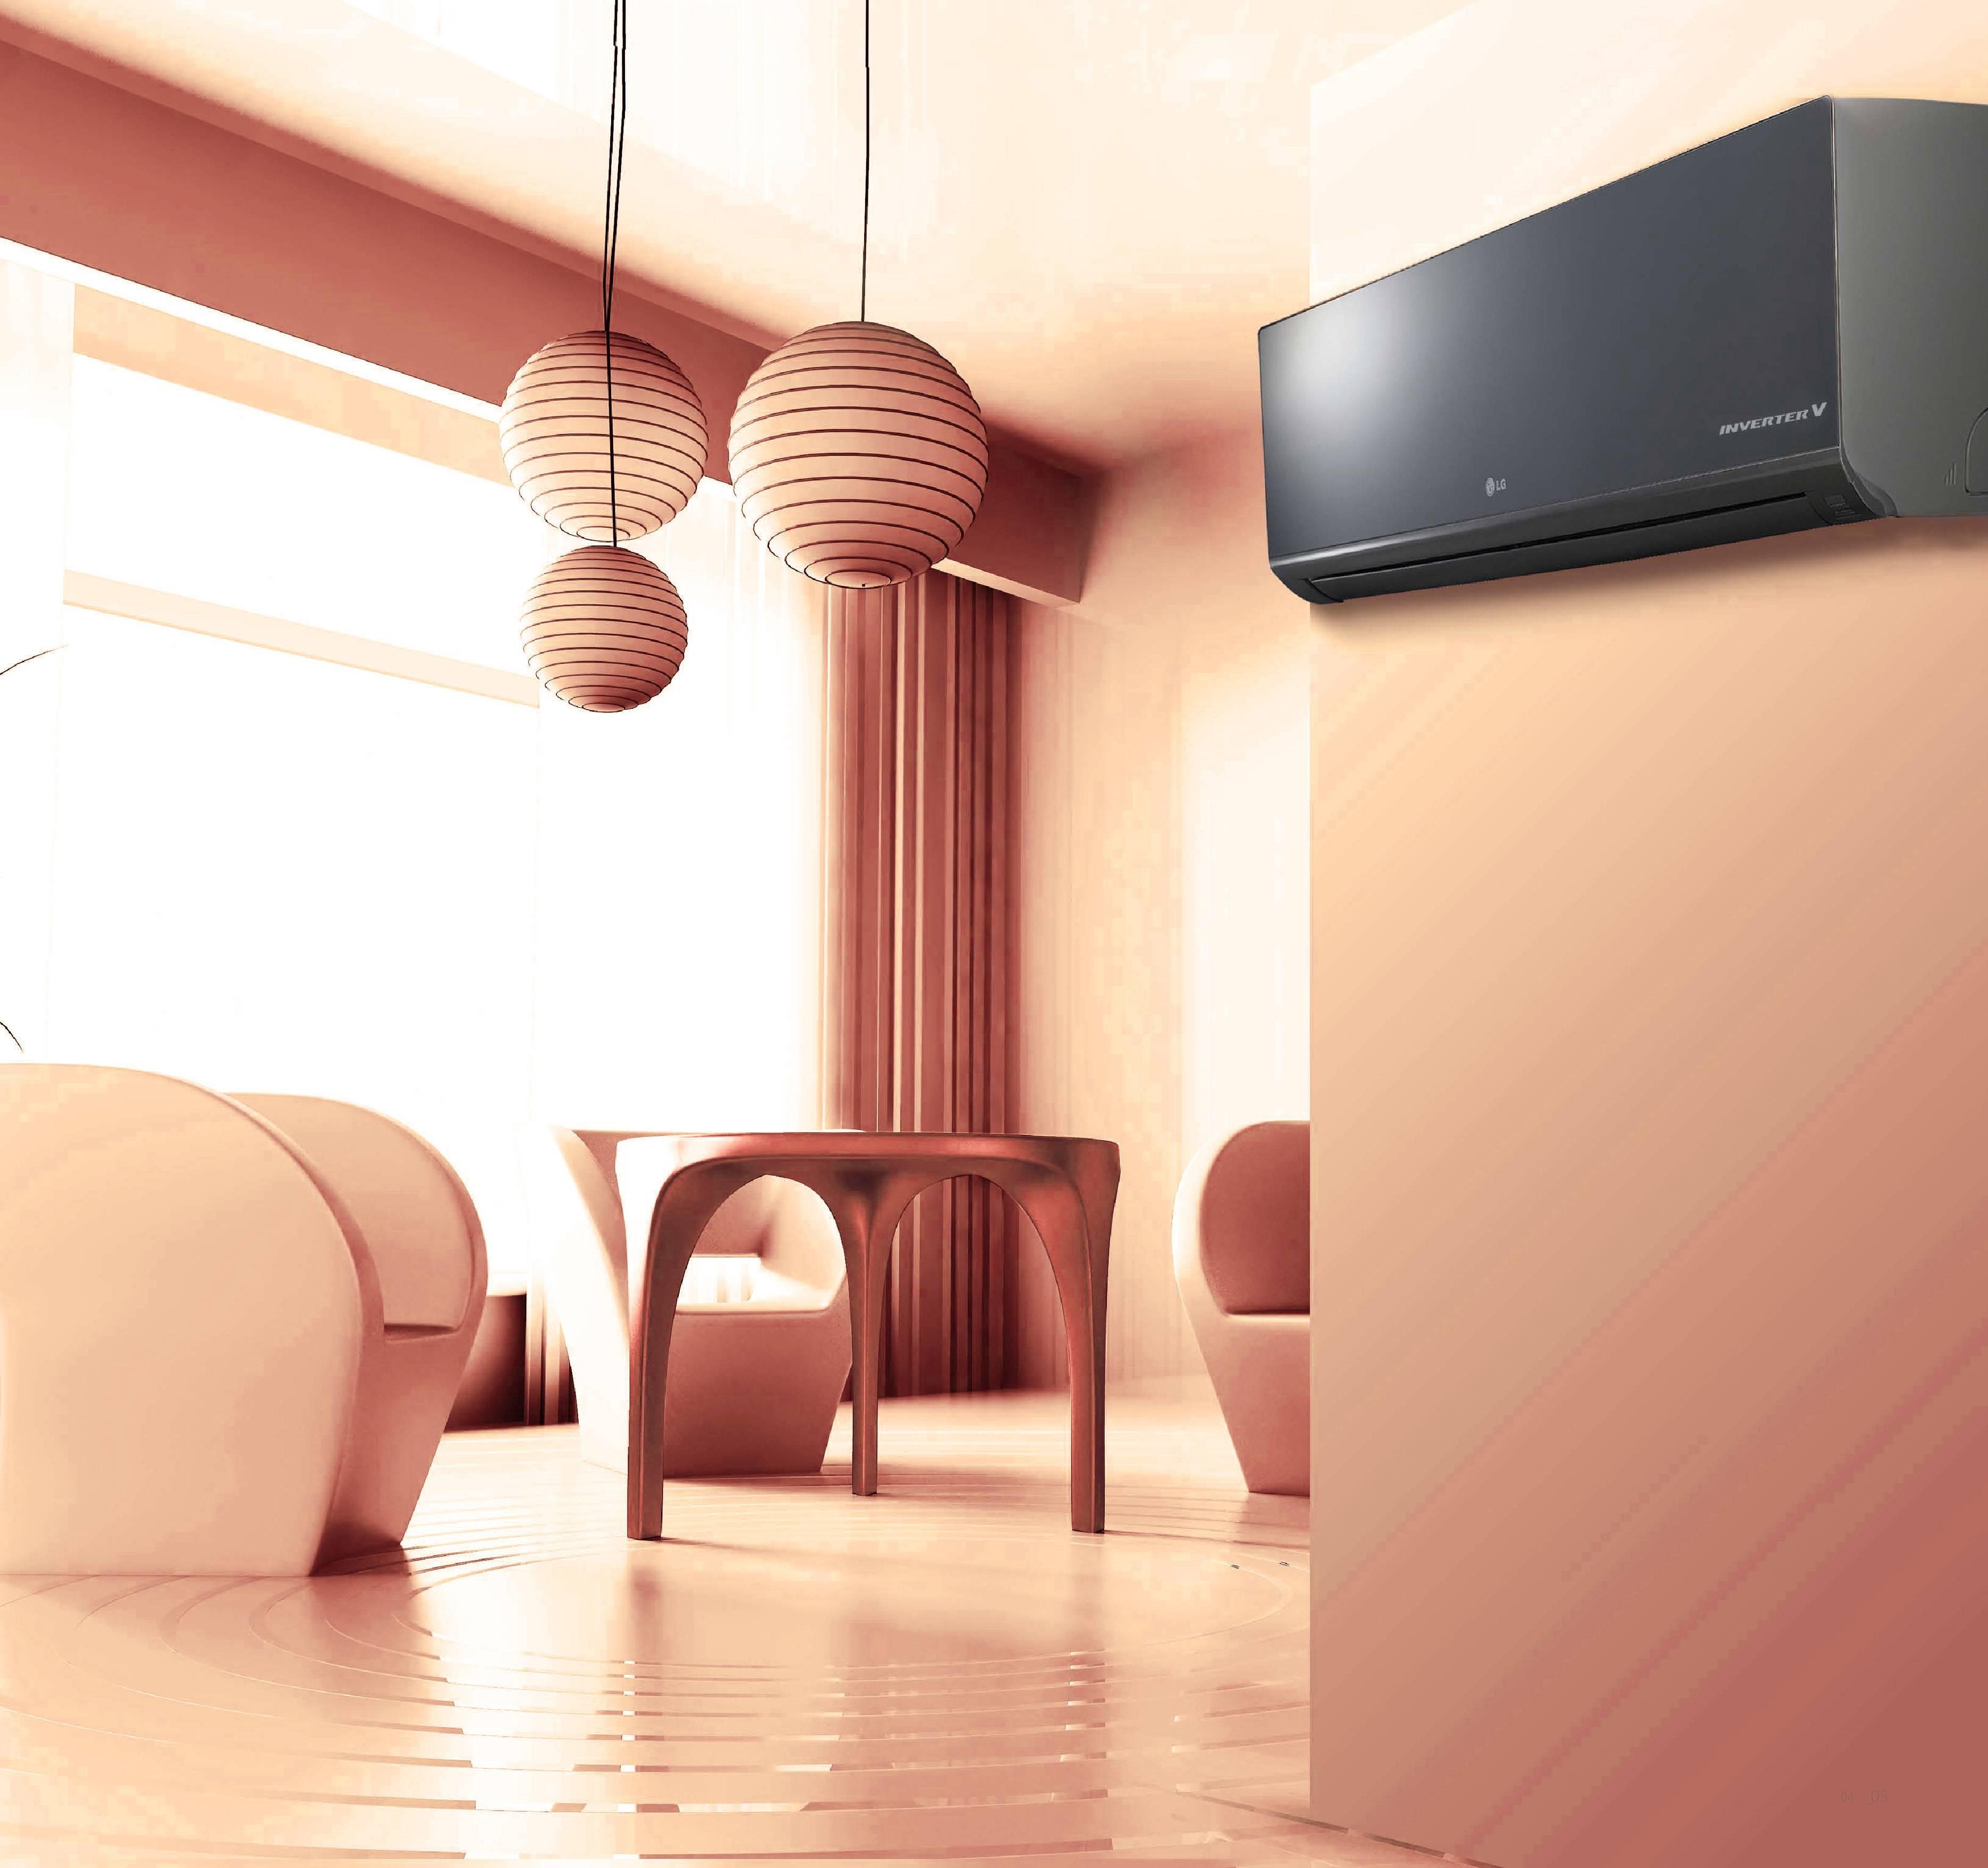 Как и какой лучше выбрать кондиционер для дома и квартиры, рейтинг моделей